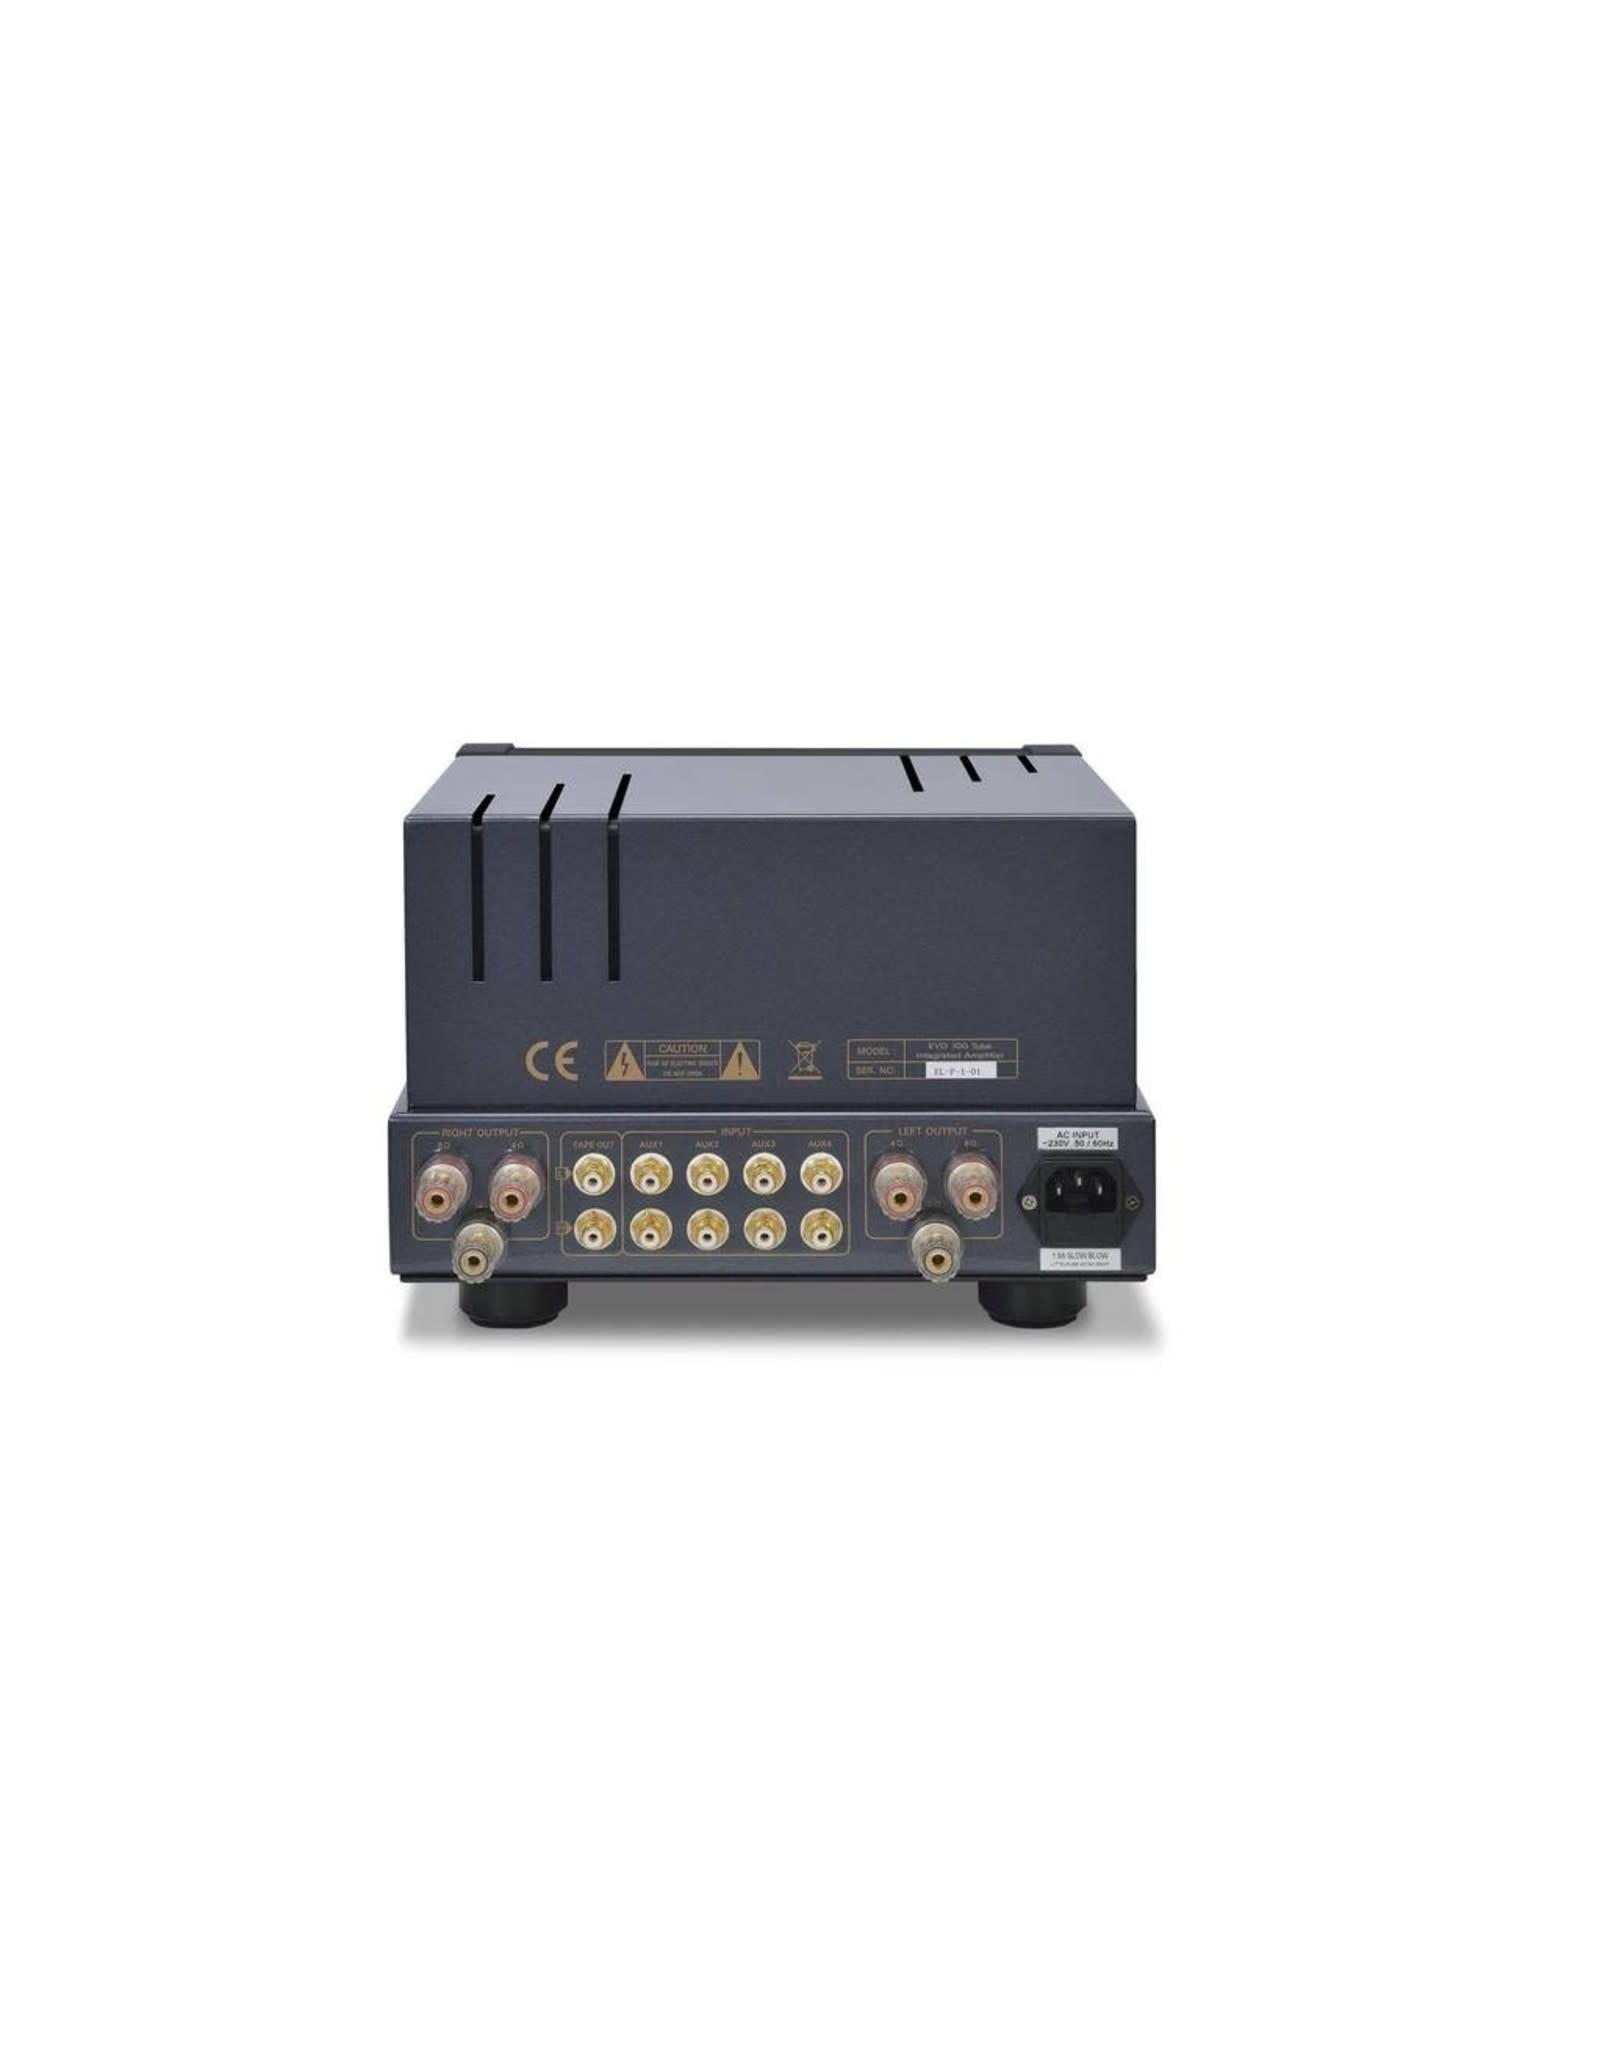 PrimaLuna PrimaLuna EVO 100 Tube Integrated Amplifier Silver OPEN BOX